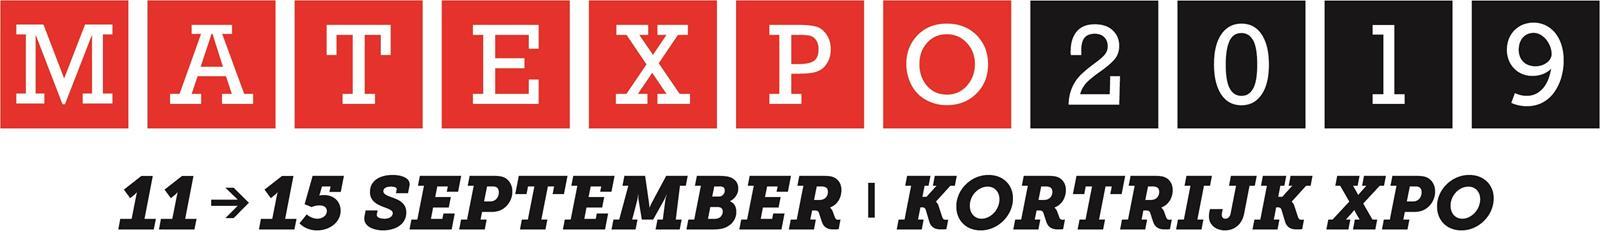 Afbeeldingsresultaat voor matexpo logo